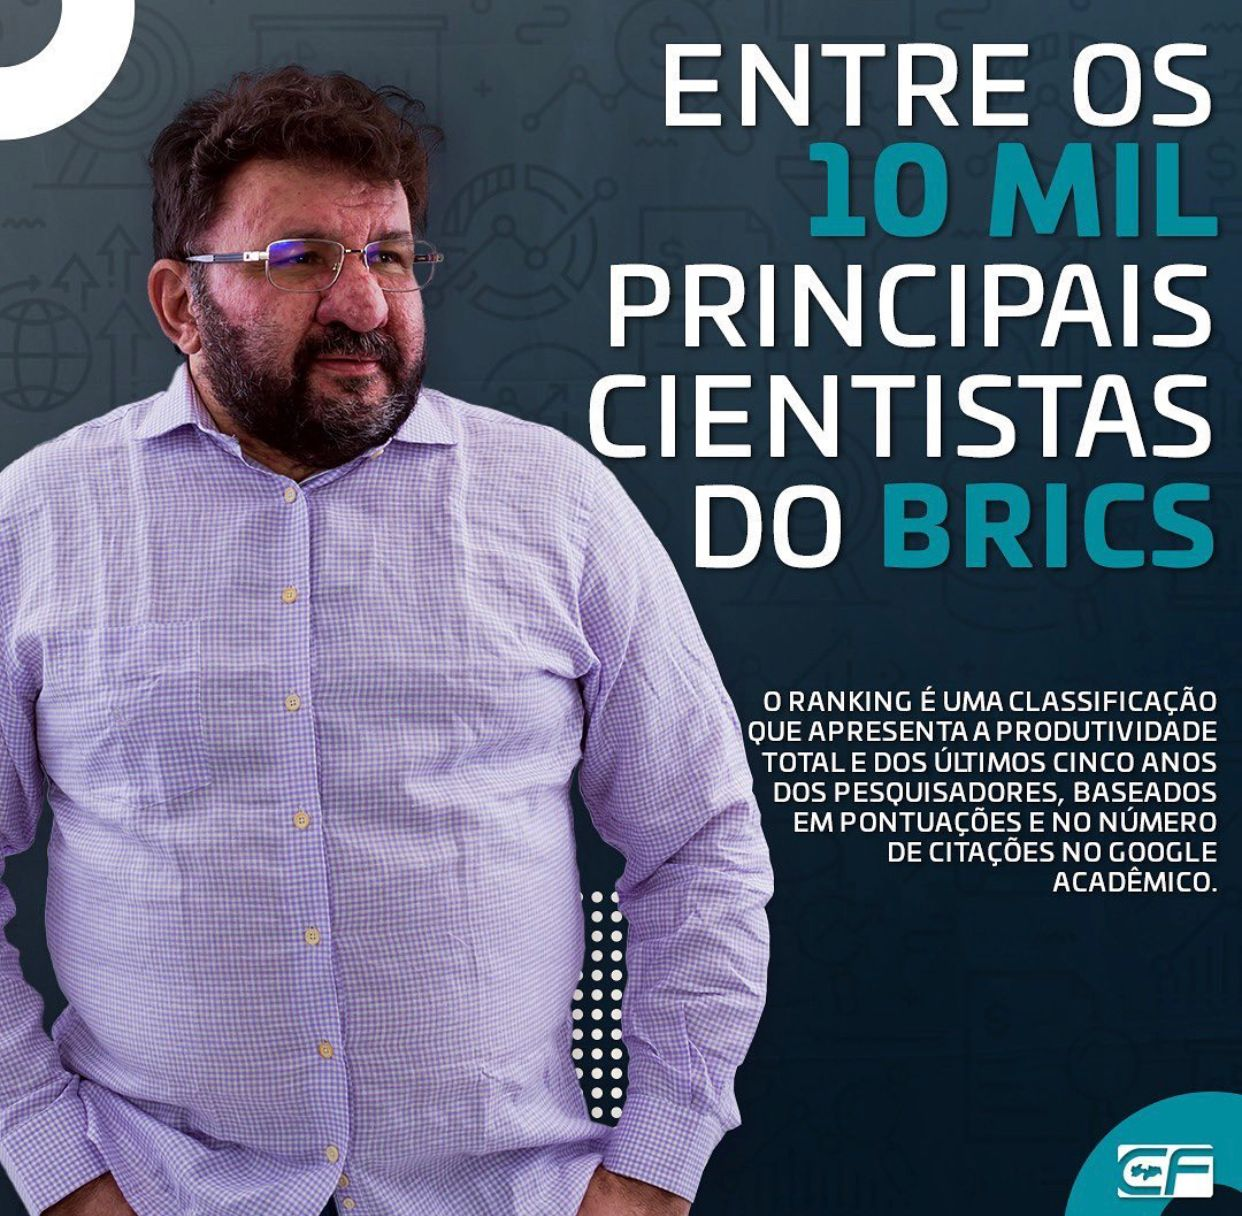 WhatsApp Image 2021 10 02 at 11.08.28 - Secretário de educação da Paraíba aparece em ranking dos principais cientistas do Brics; confira lista